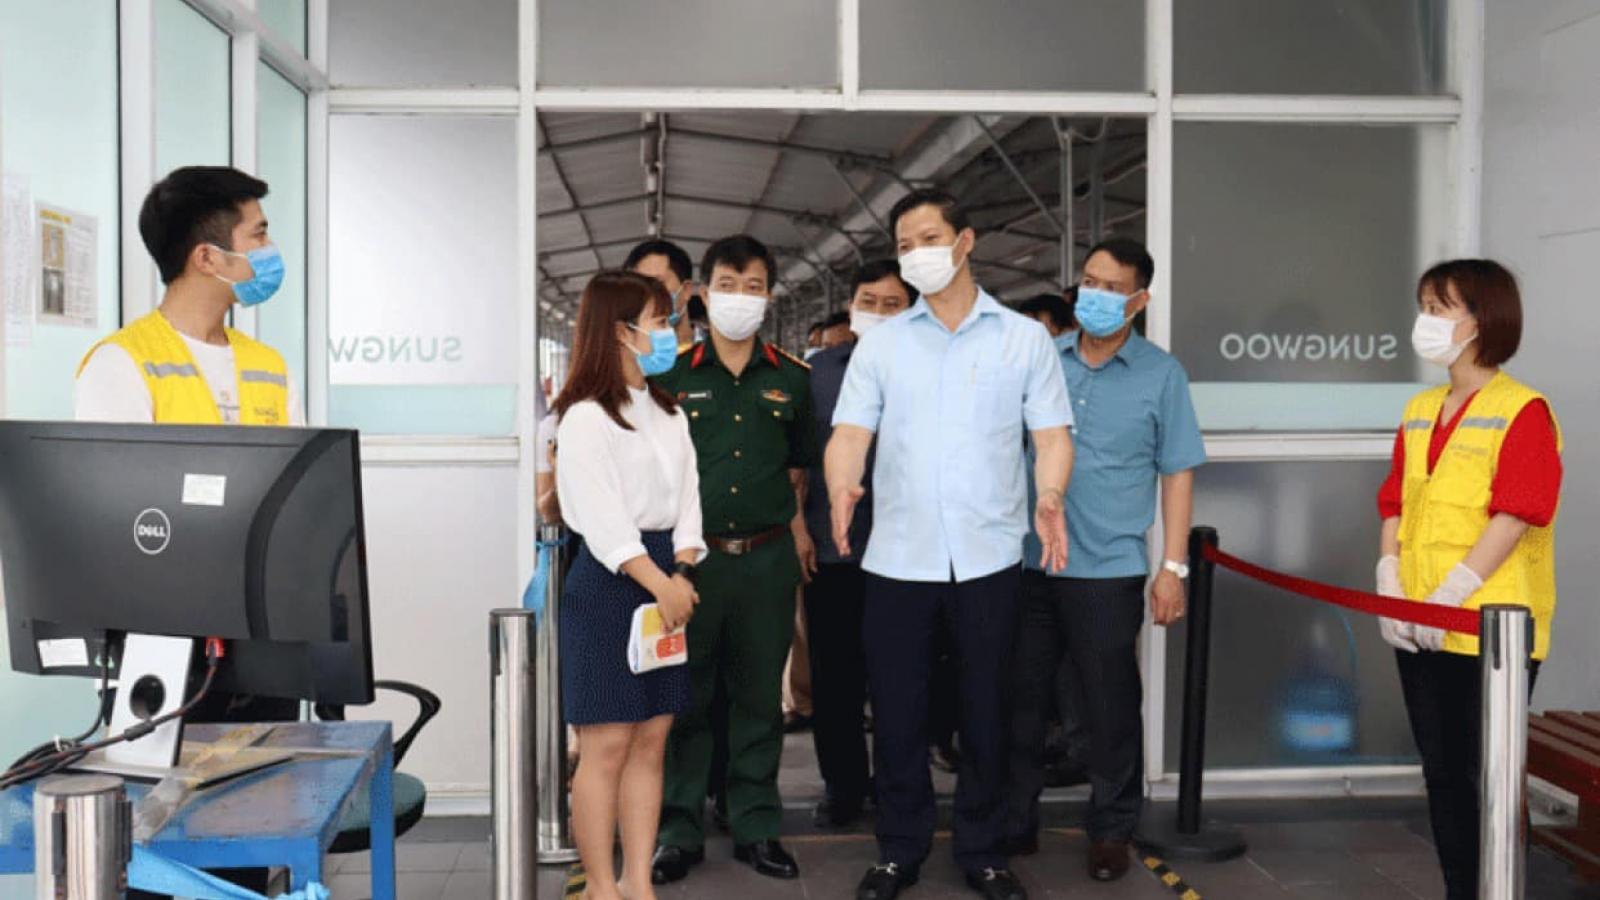 Lãnh đạo Bắc Ninh khẳng định không để dịch COVID-19 kéo dài tại Thuận Thành